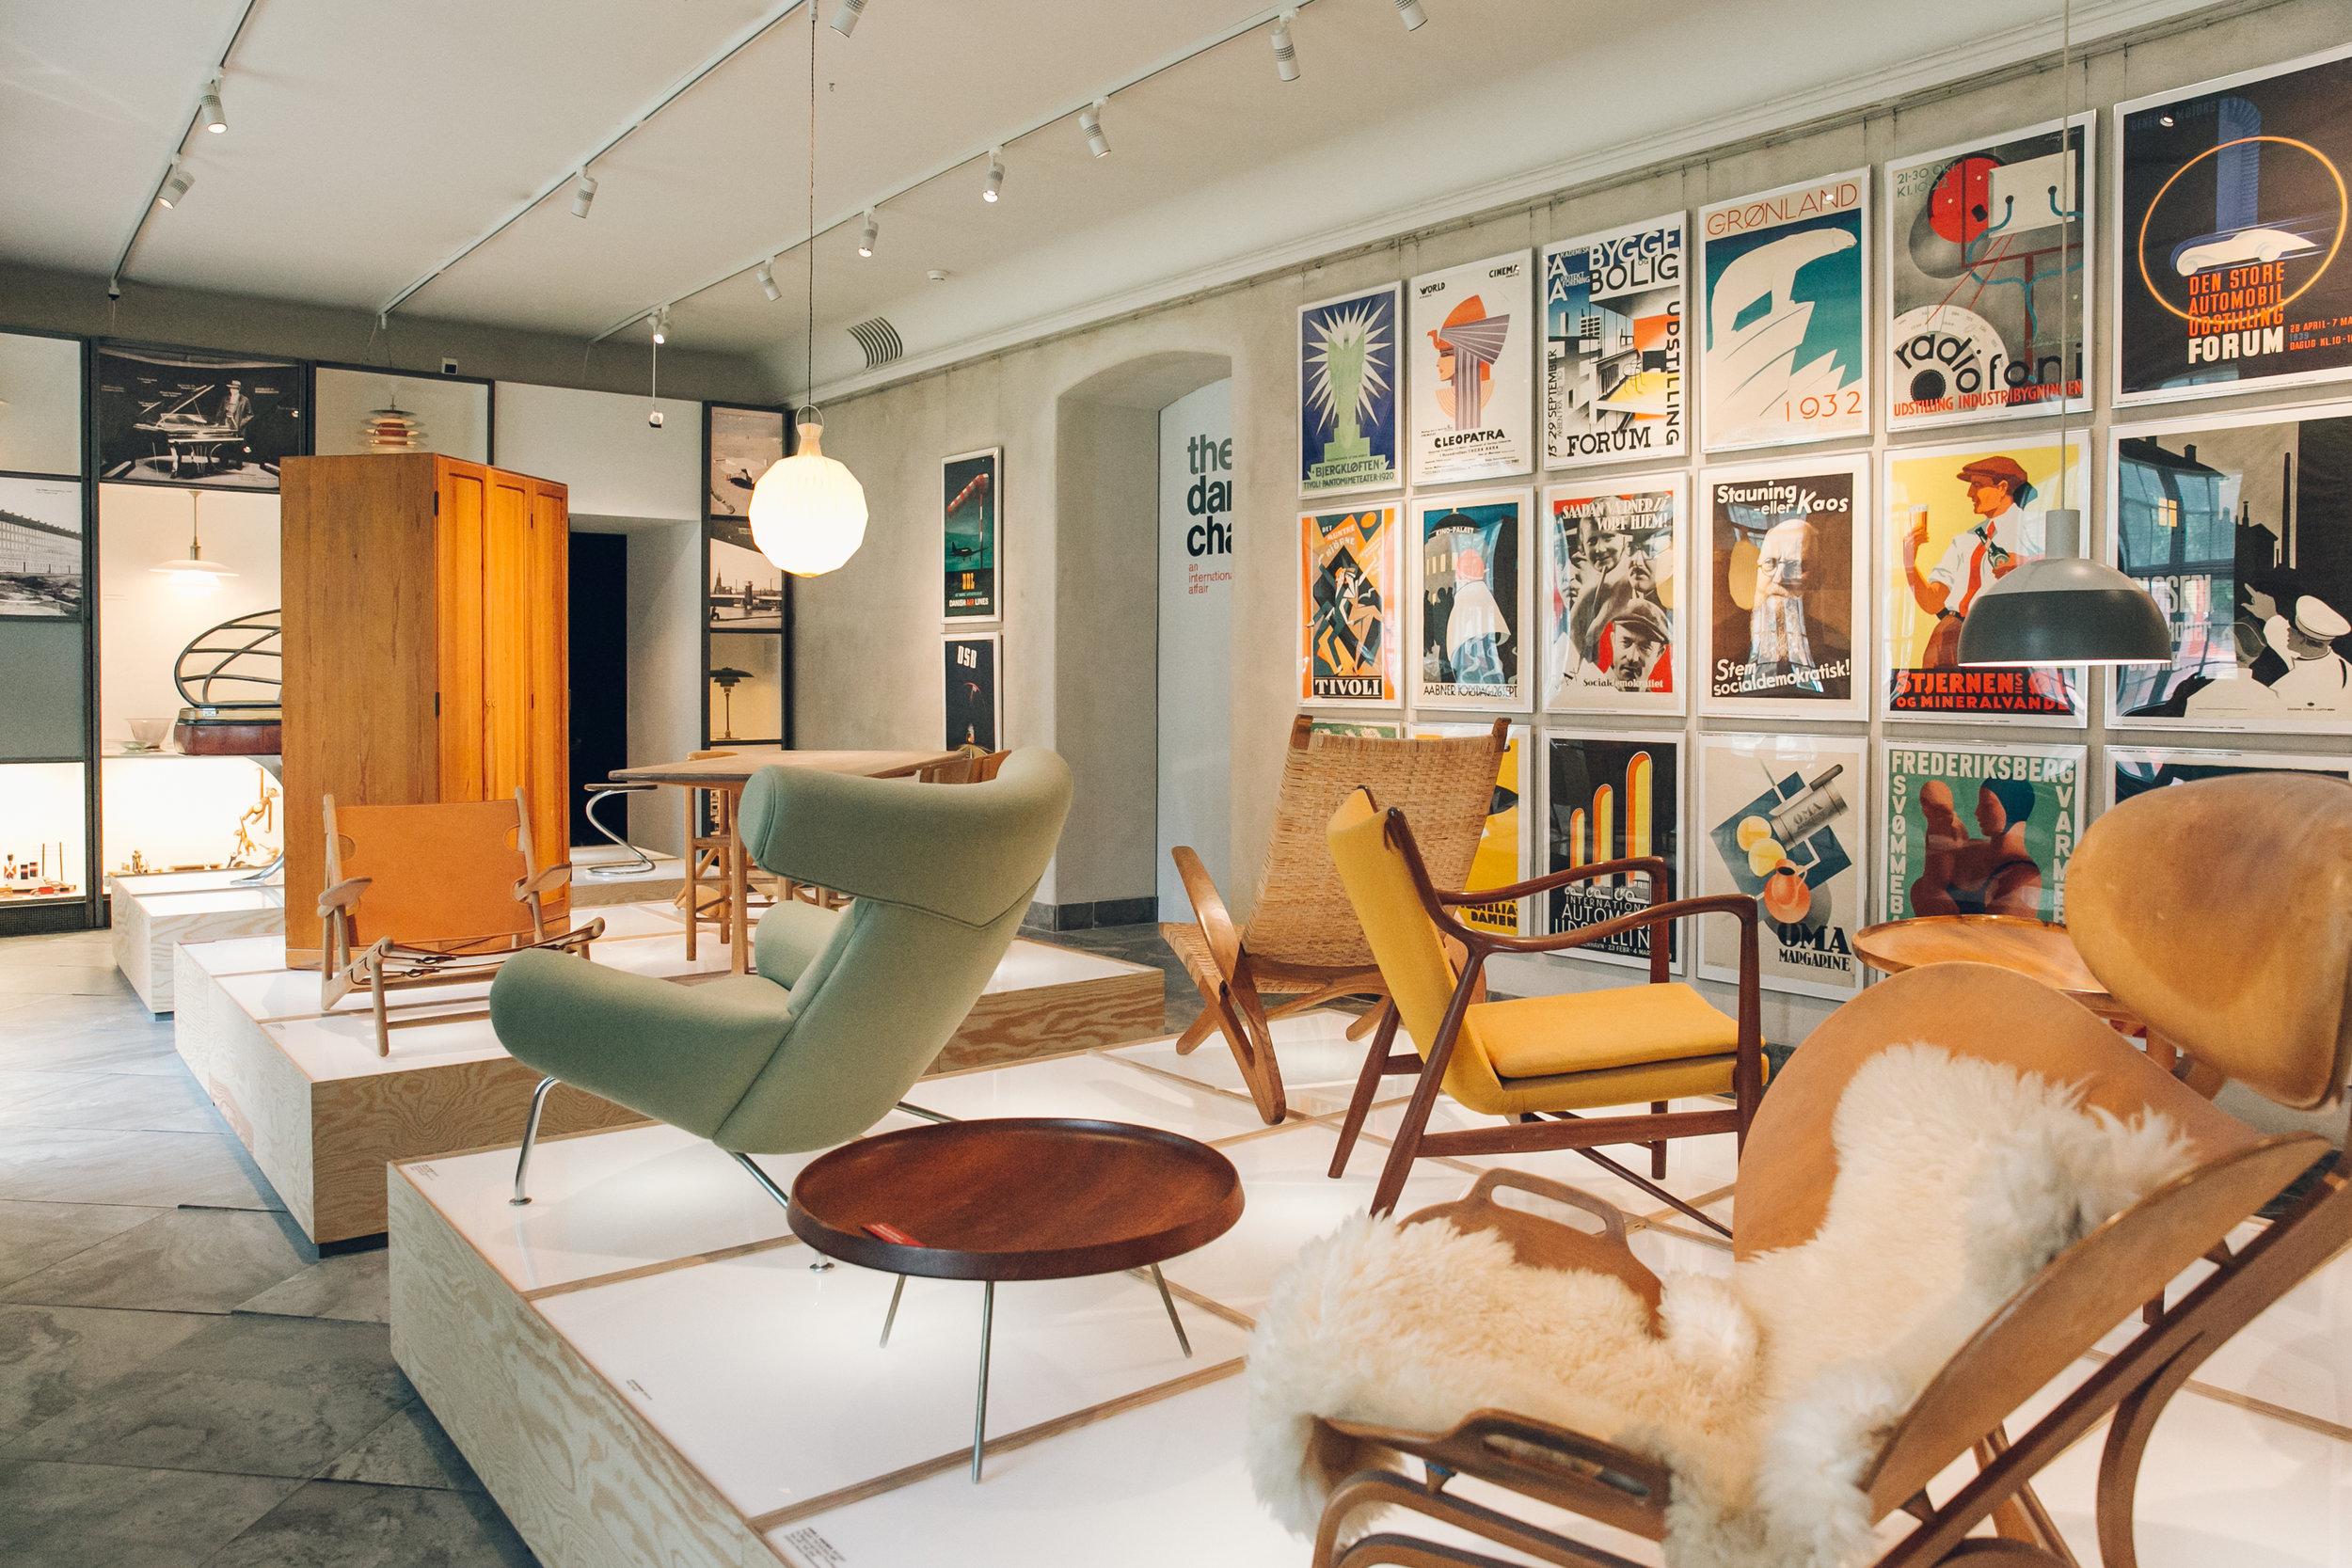 72 hours in Copenhagen at the Design Museum.